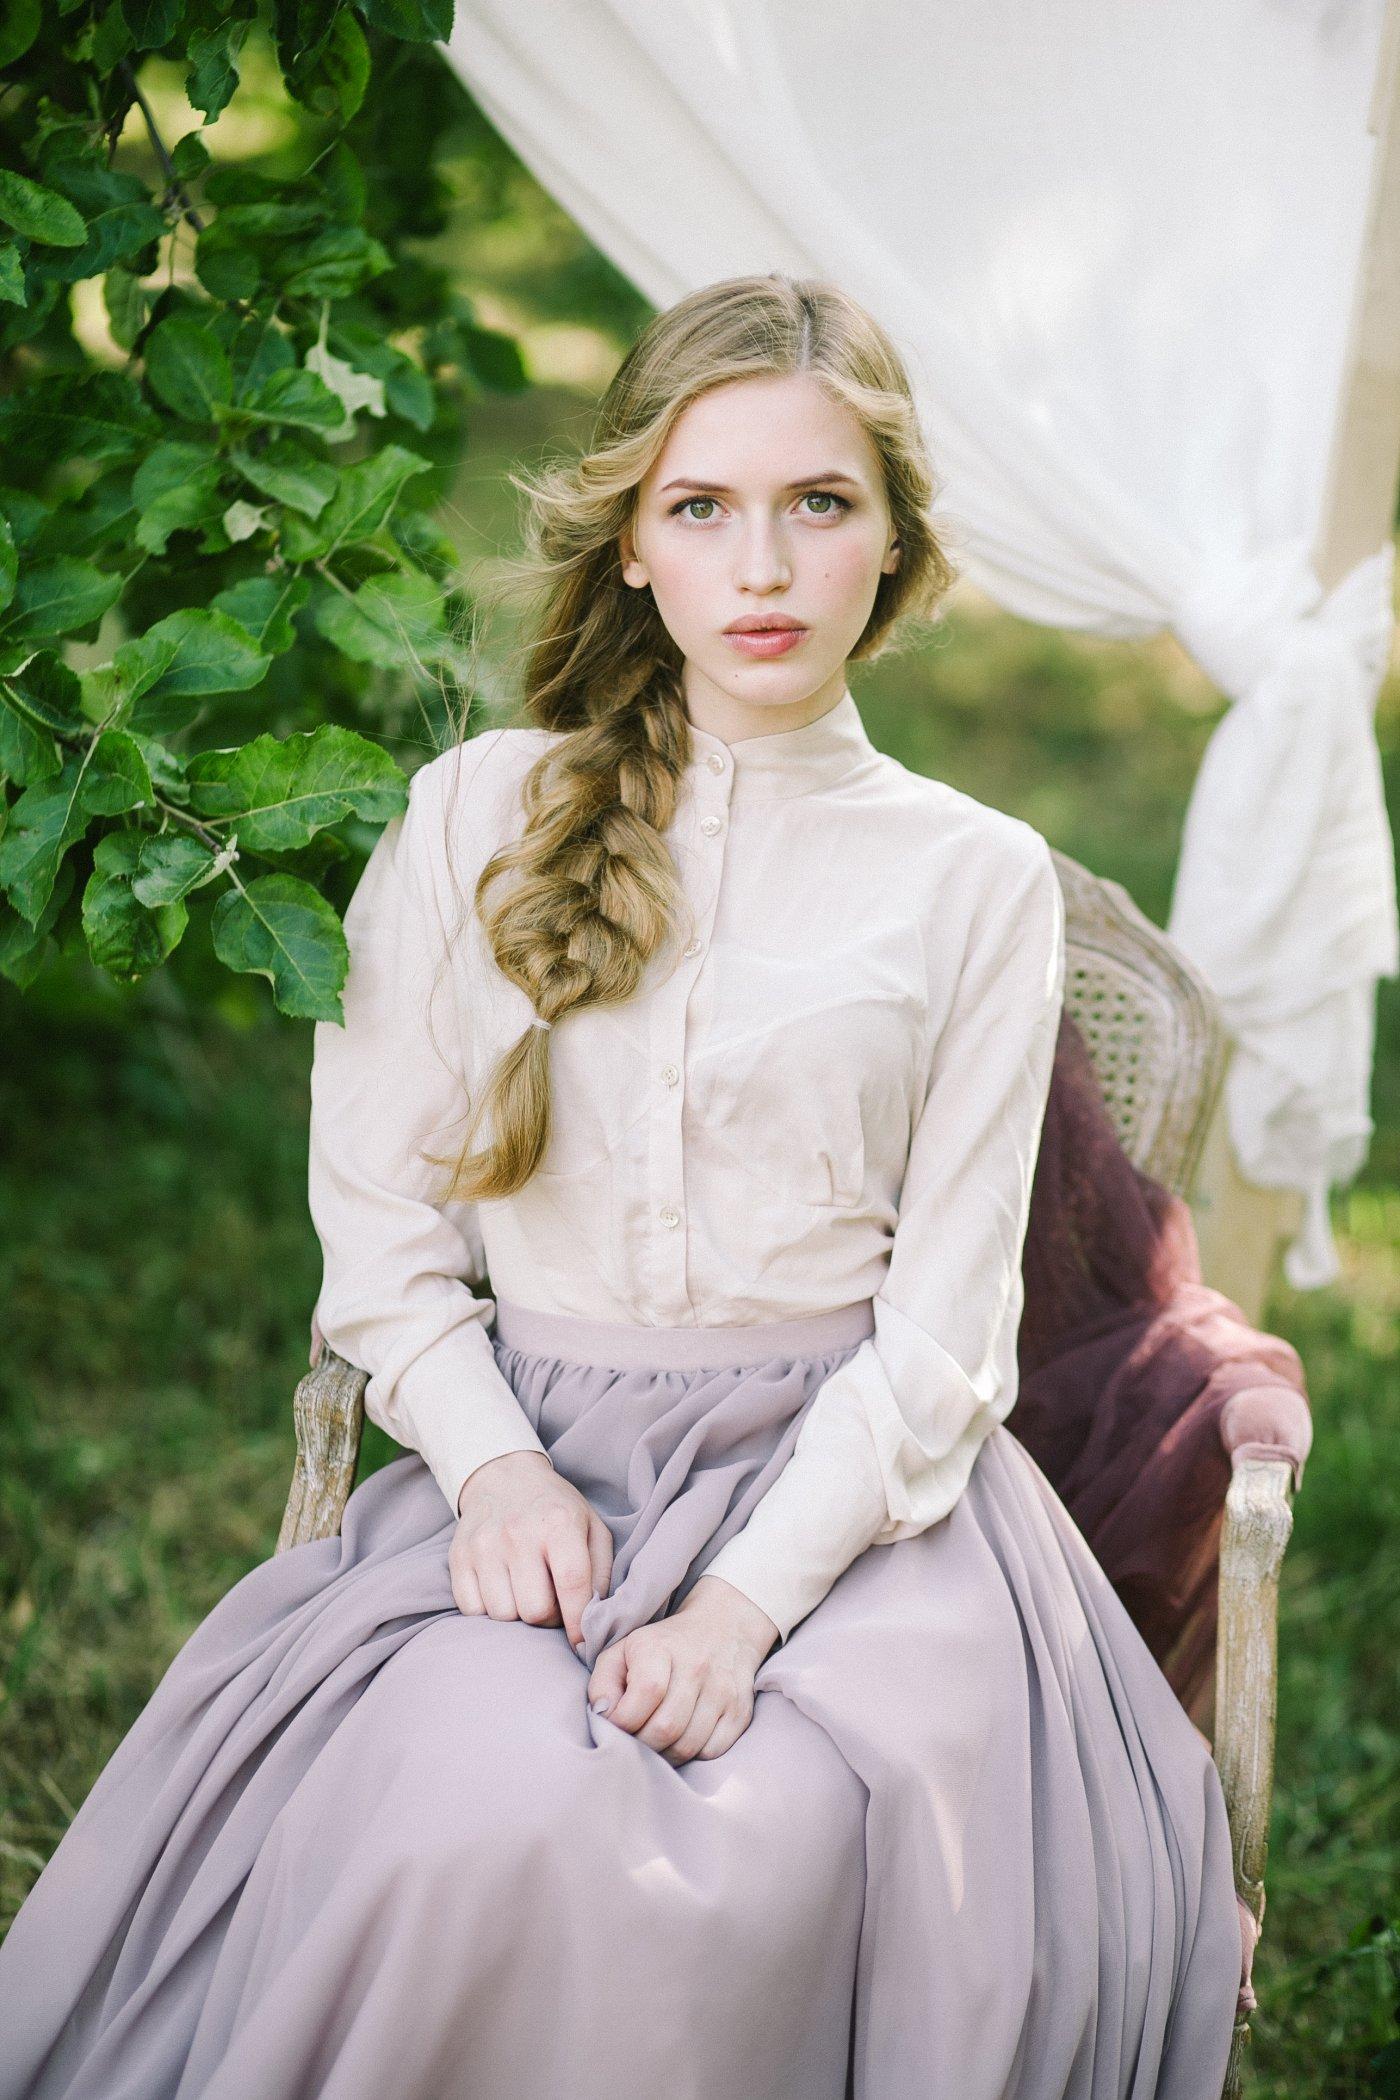 Home Wedding Dresses Shirtwaist Cotton Dress With Layered Skirt